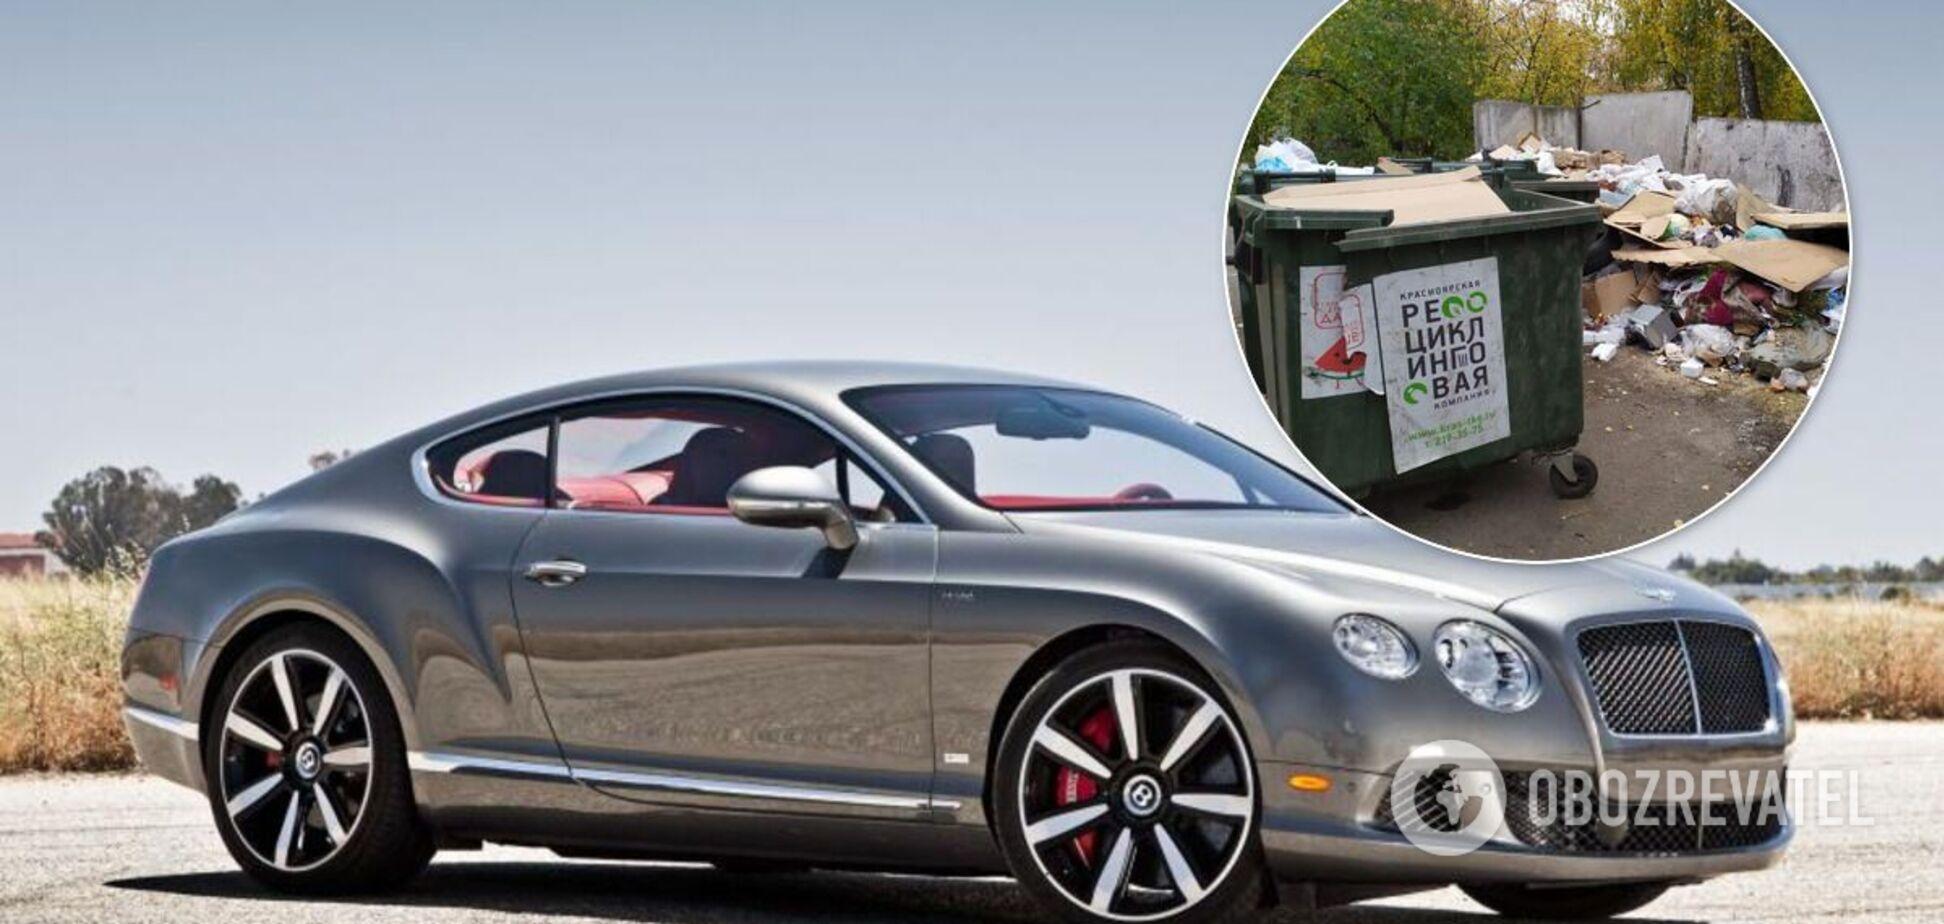 У Києві розкішний Bentley запаркували на звалищі біля купи сміття